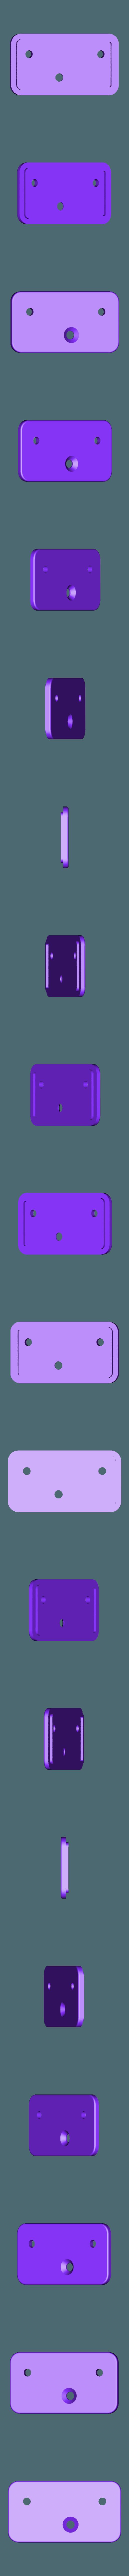 Case_B.STL Télécharger fichier STL gratuit Testeur d'optocoupleurs facile • Objet à imprimer en 3D, perinski